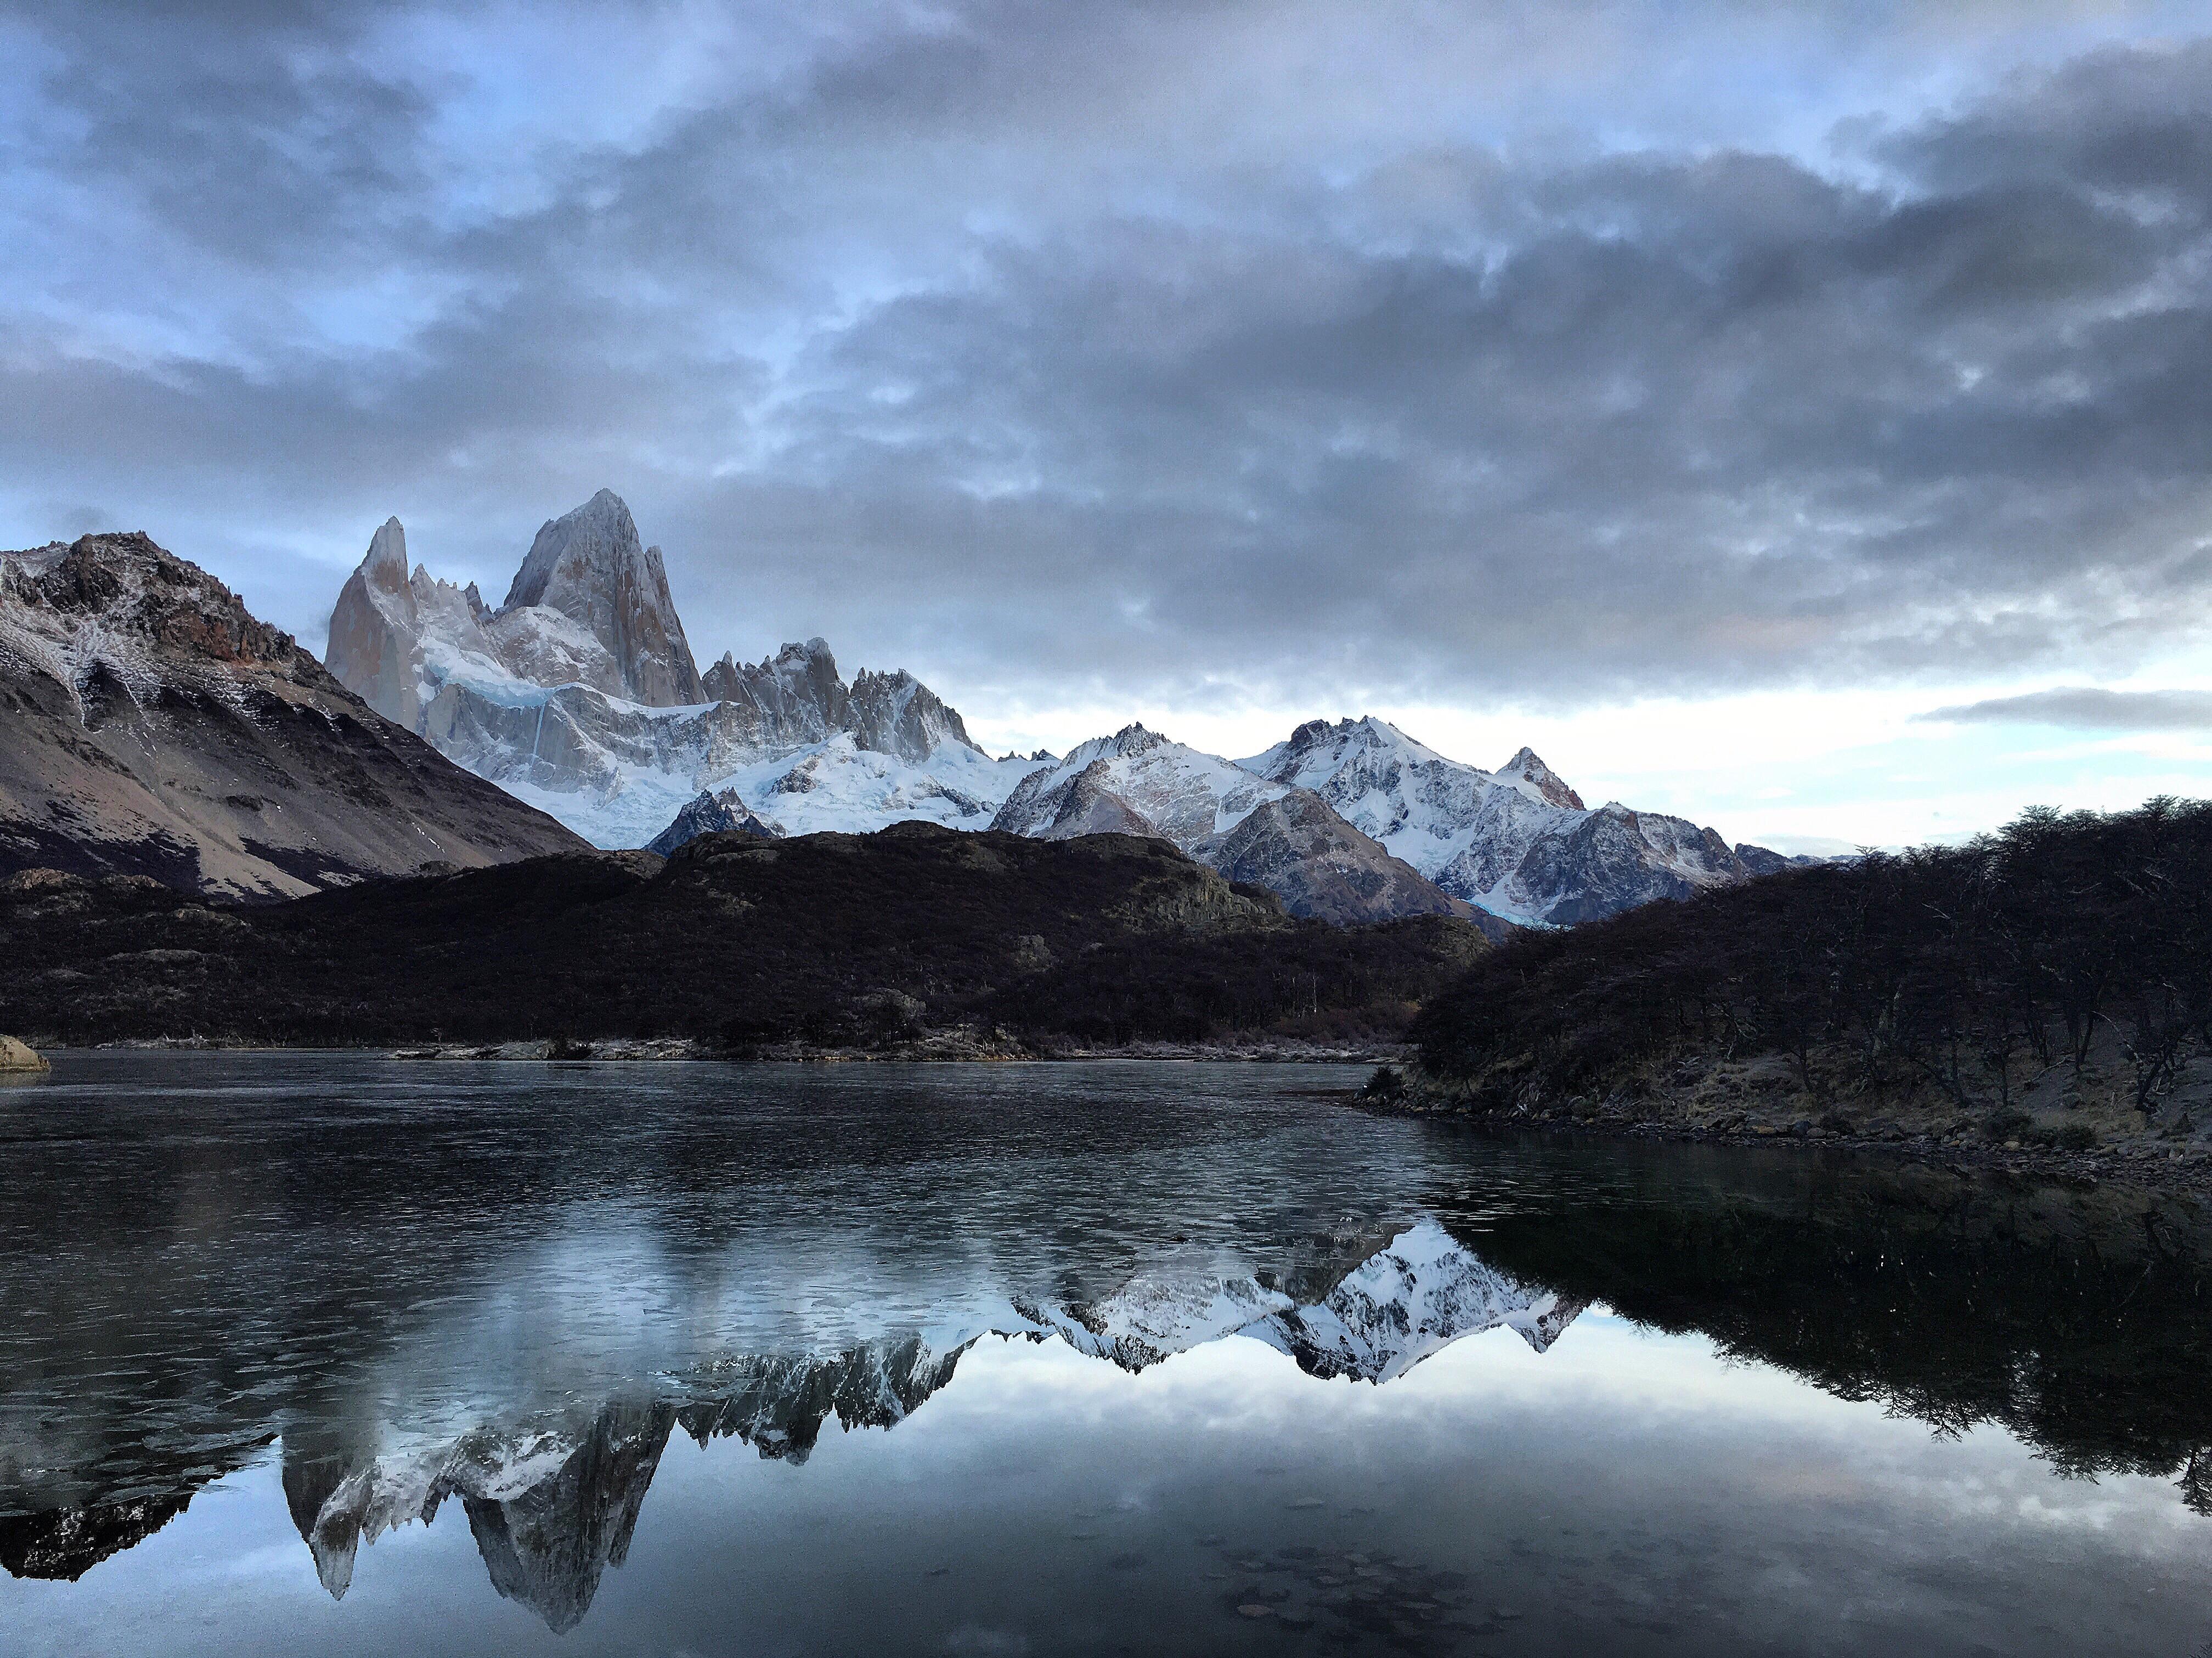 Bastien__lg - PVT Argentine - El chalten 3